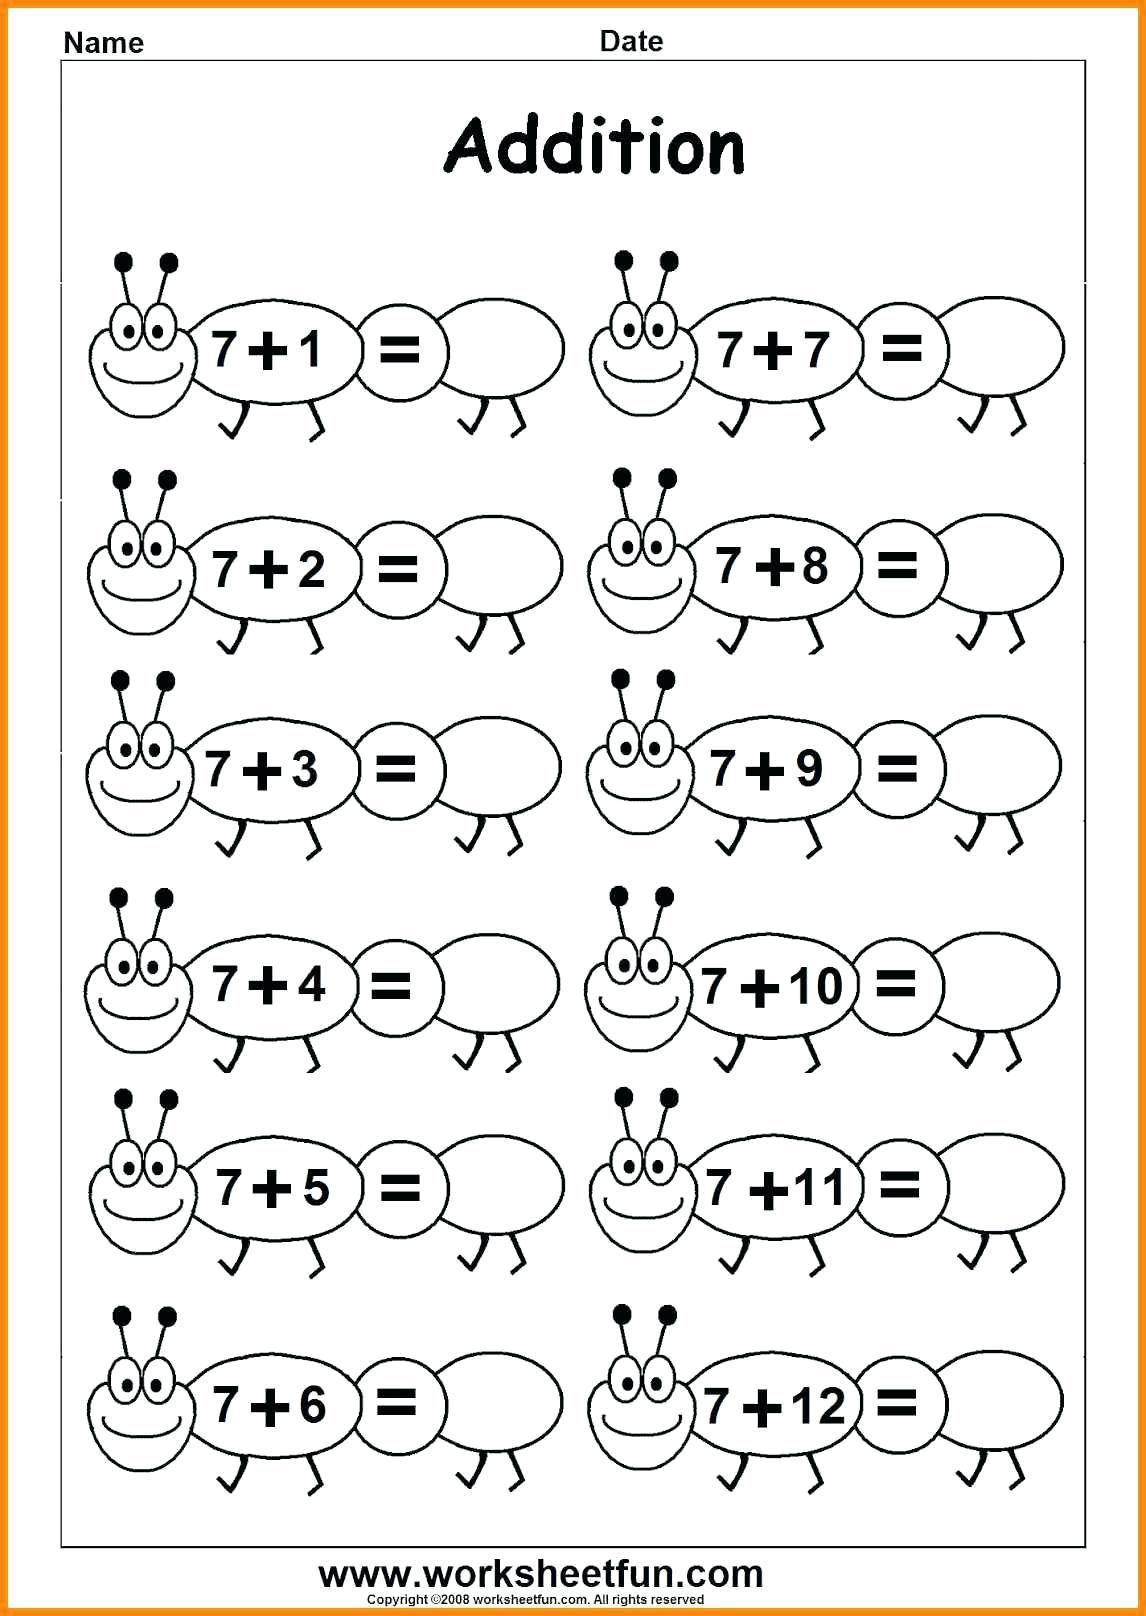 1st Grade Science Worksheets Math Worksheet For Kids In 2020 Kindergarten Math Worksheets Free Free Printable Math Worksheets Kindergarten Math Worksheets Addition